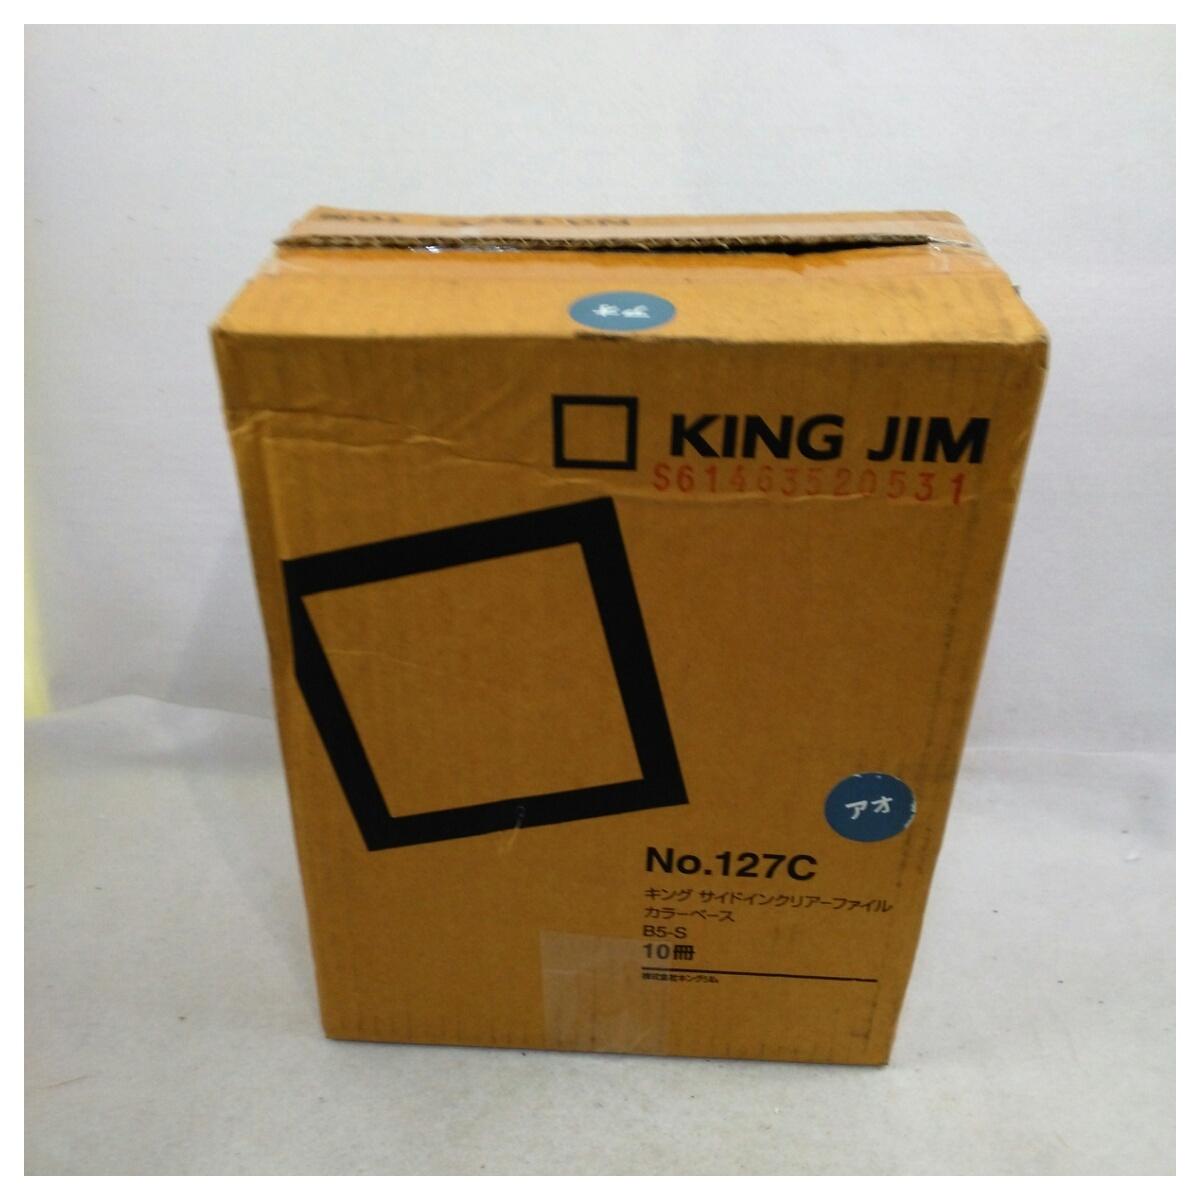 【未使用品】キングジム サイドインクリアーファイルカラーベース 青 127Cアオ×10個_画像2